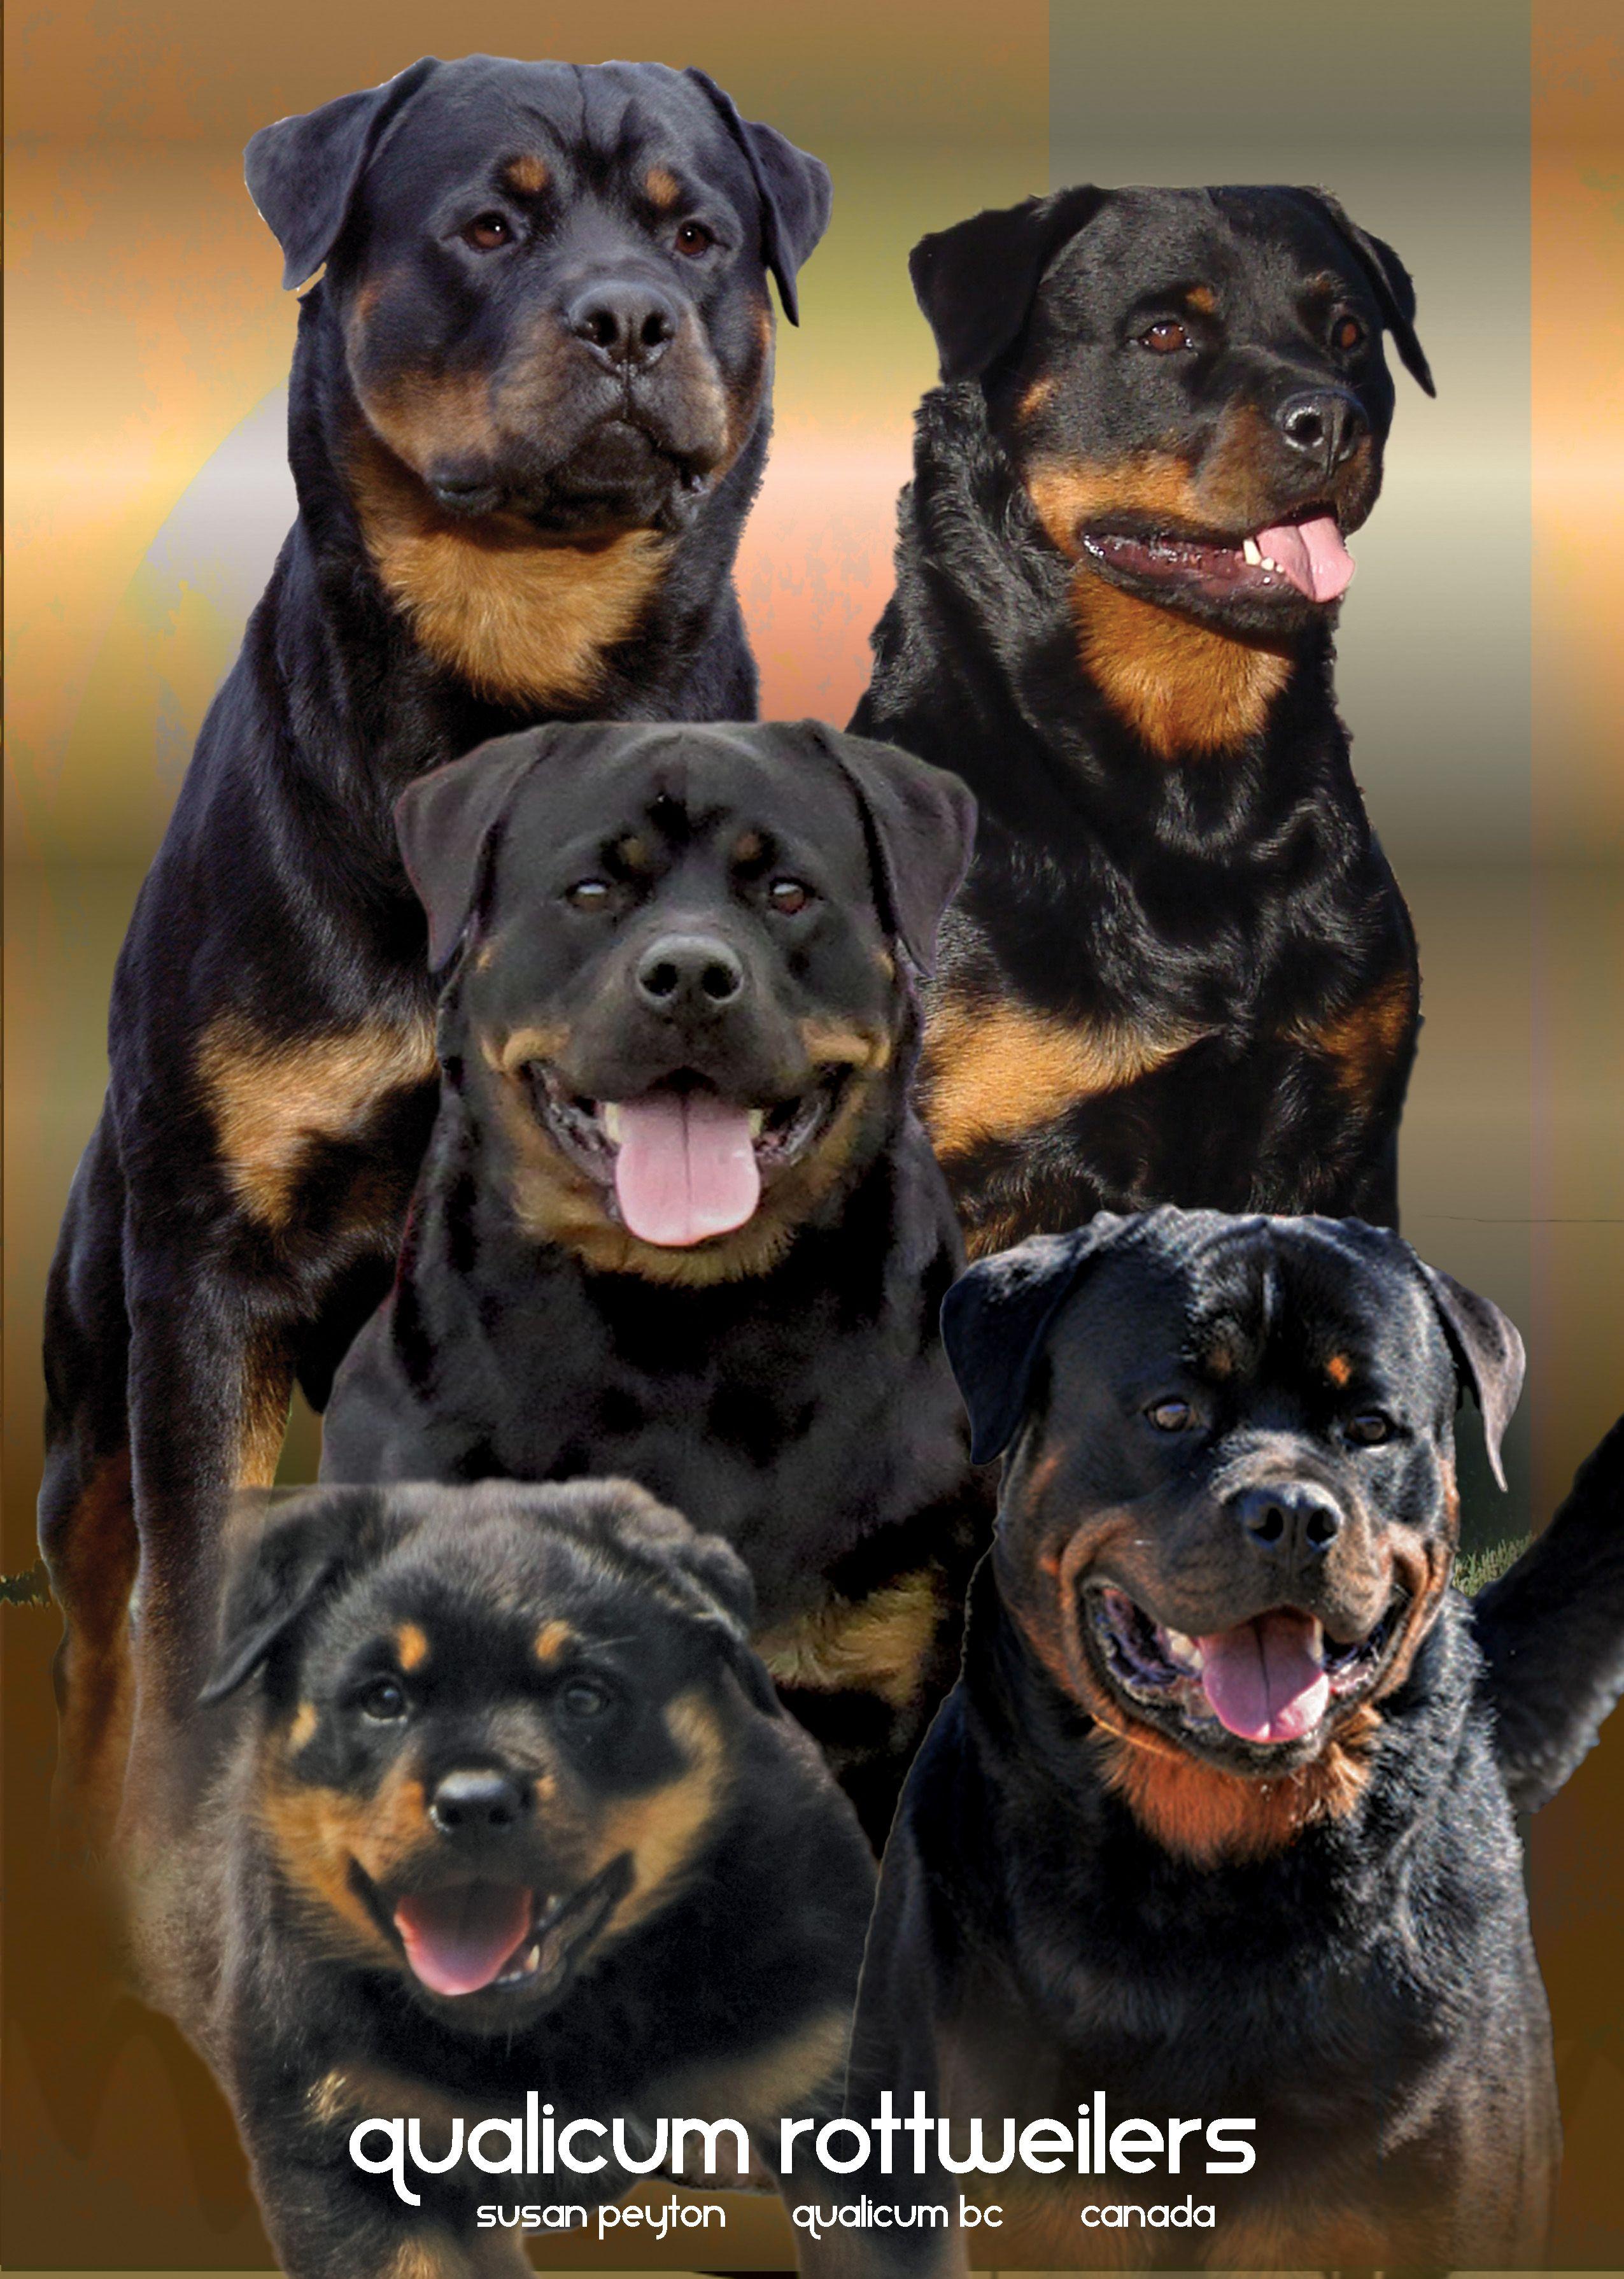 Qualicum Rottweilers Susan Peyton Qualicum Bc Canada German